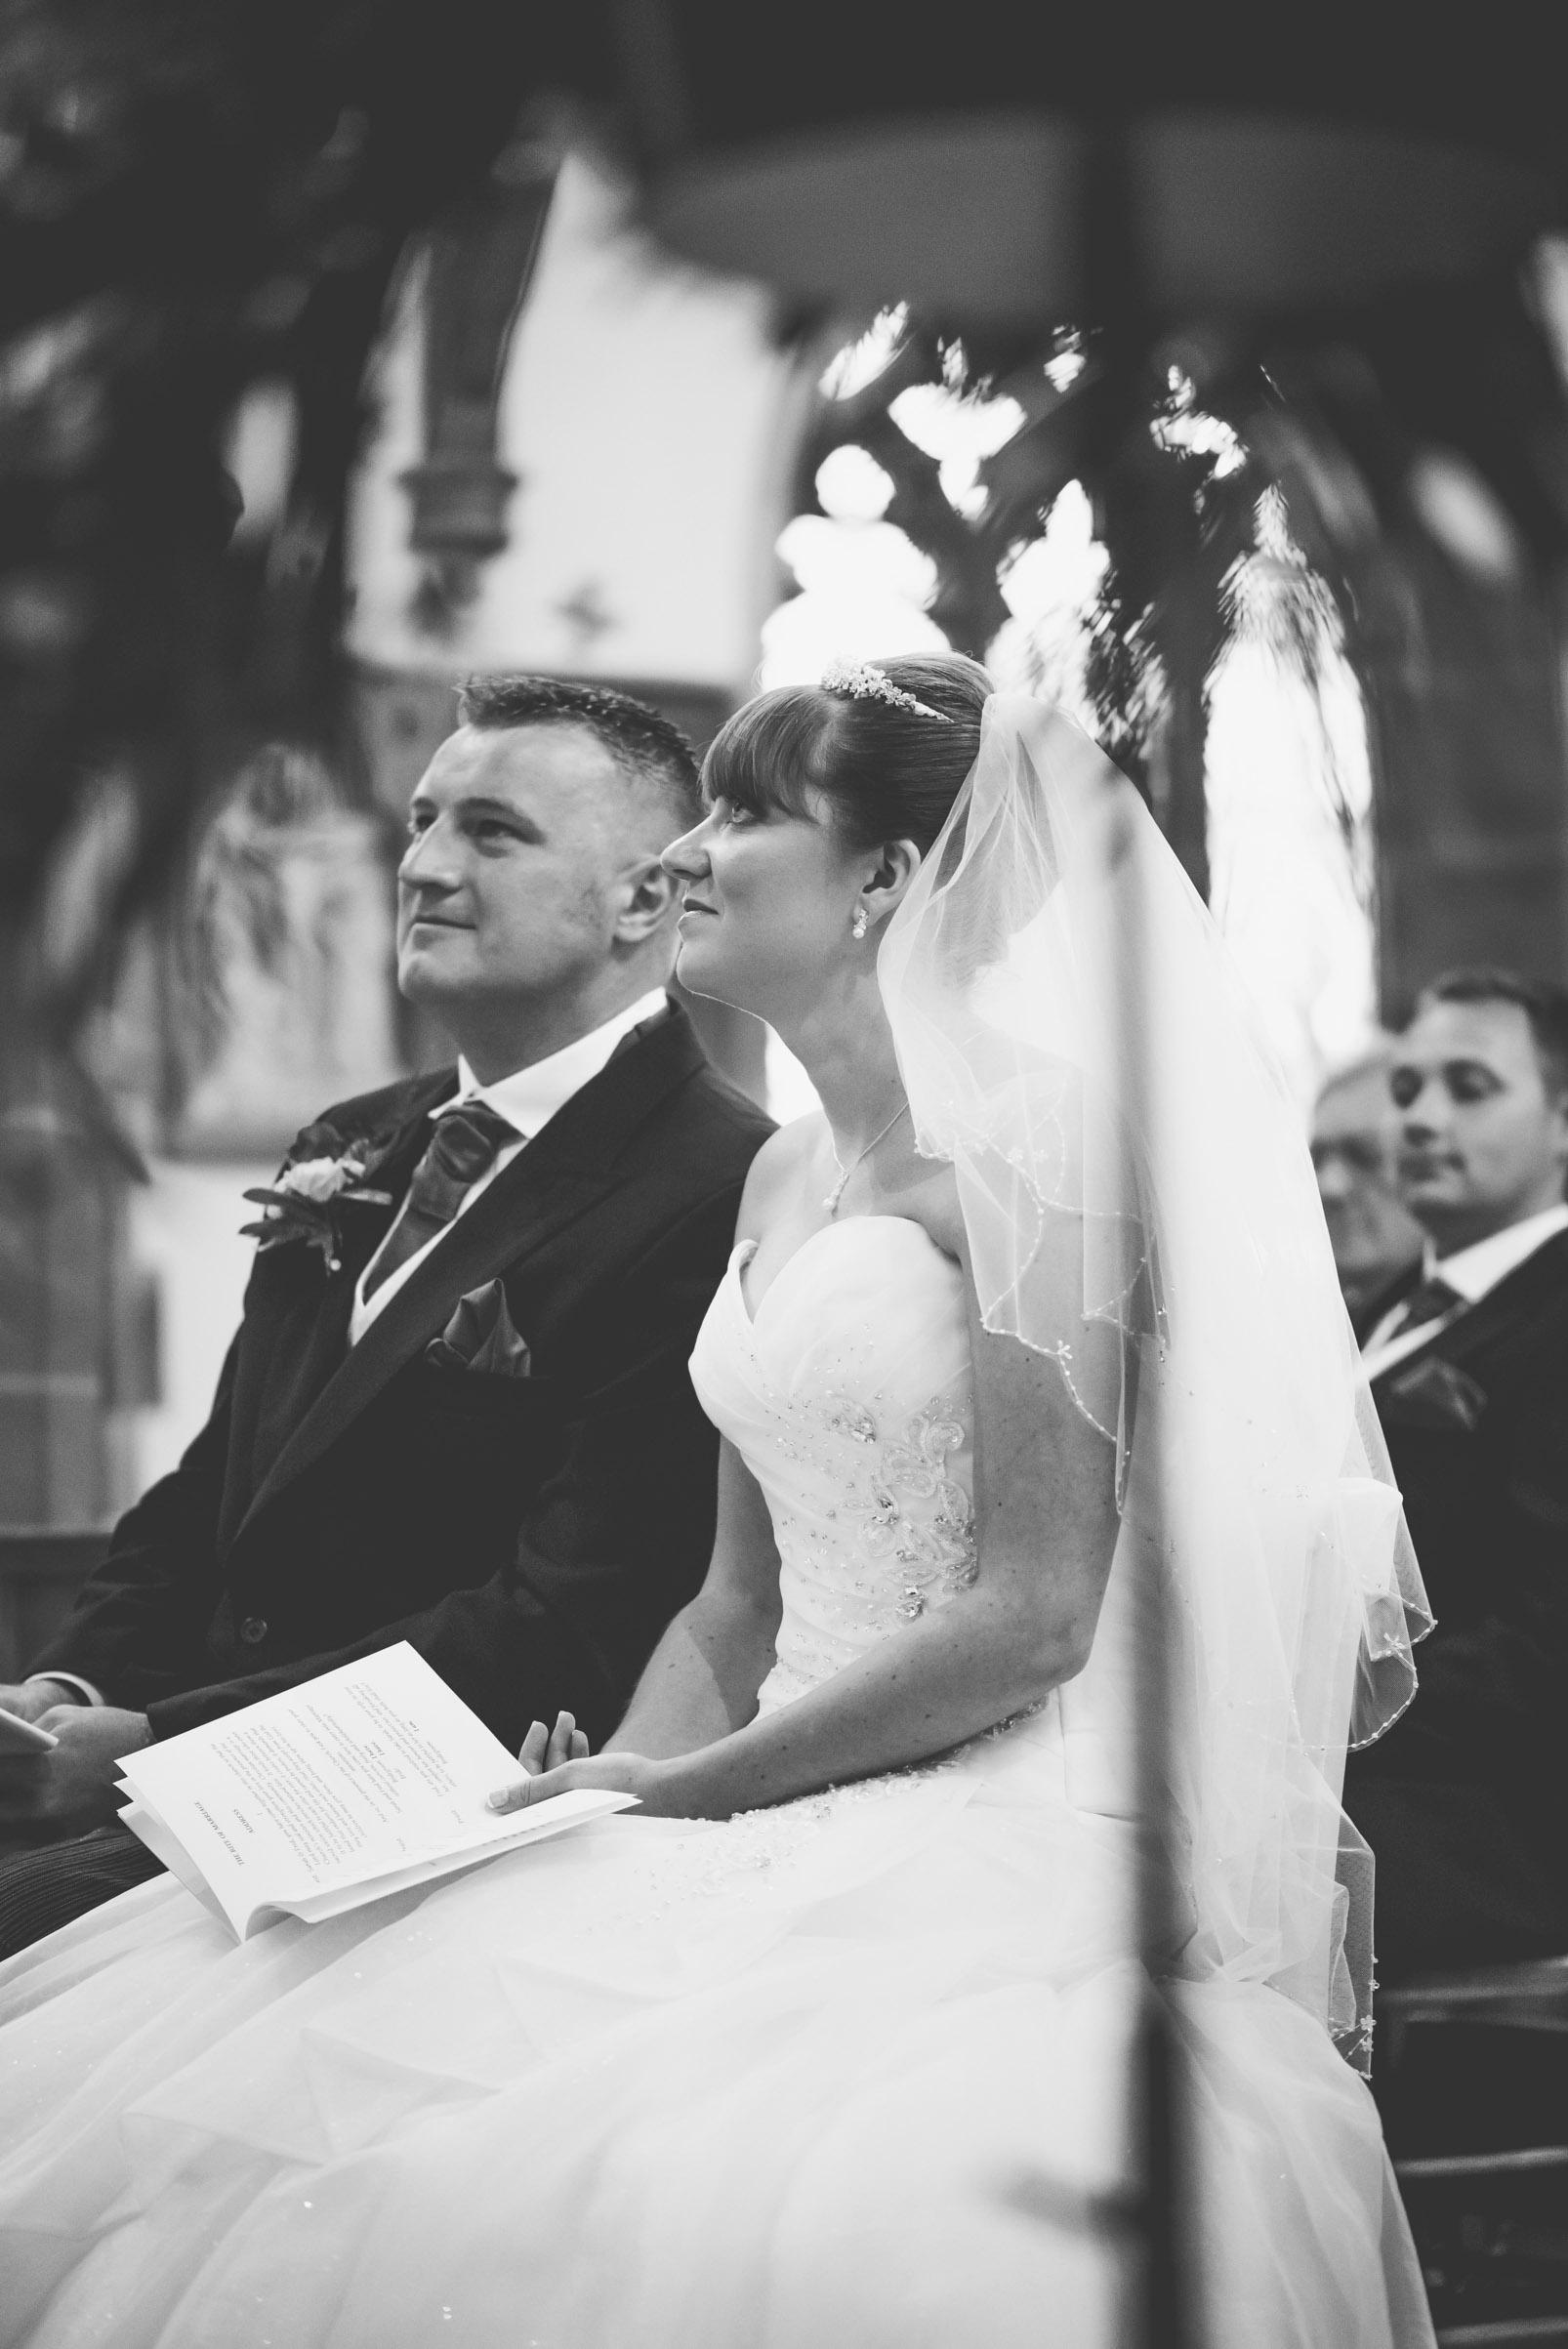 Farm-wedding-staffordshire-st-marys-catholic-church-uttoxter-30.jpg